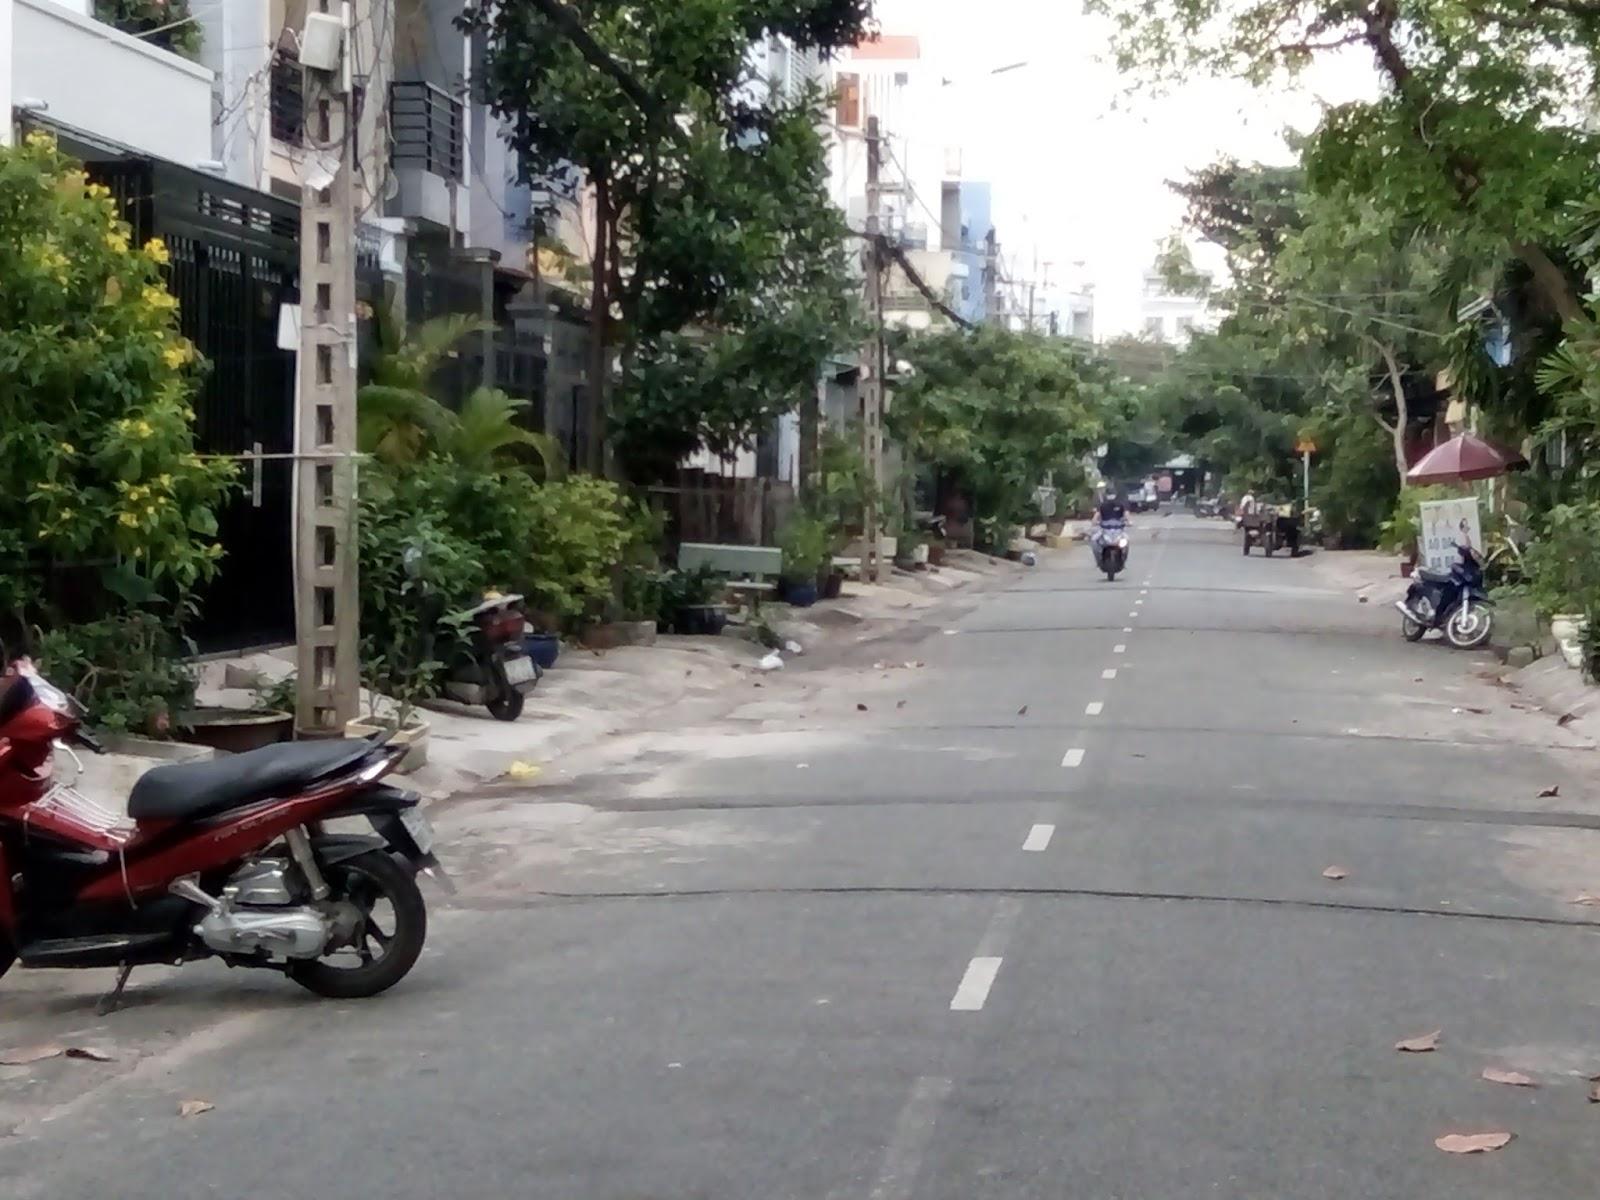 Bán nhà cấp 4 mặt tiền đường Nguyễn Sơn, Tân Phú 02